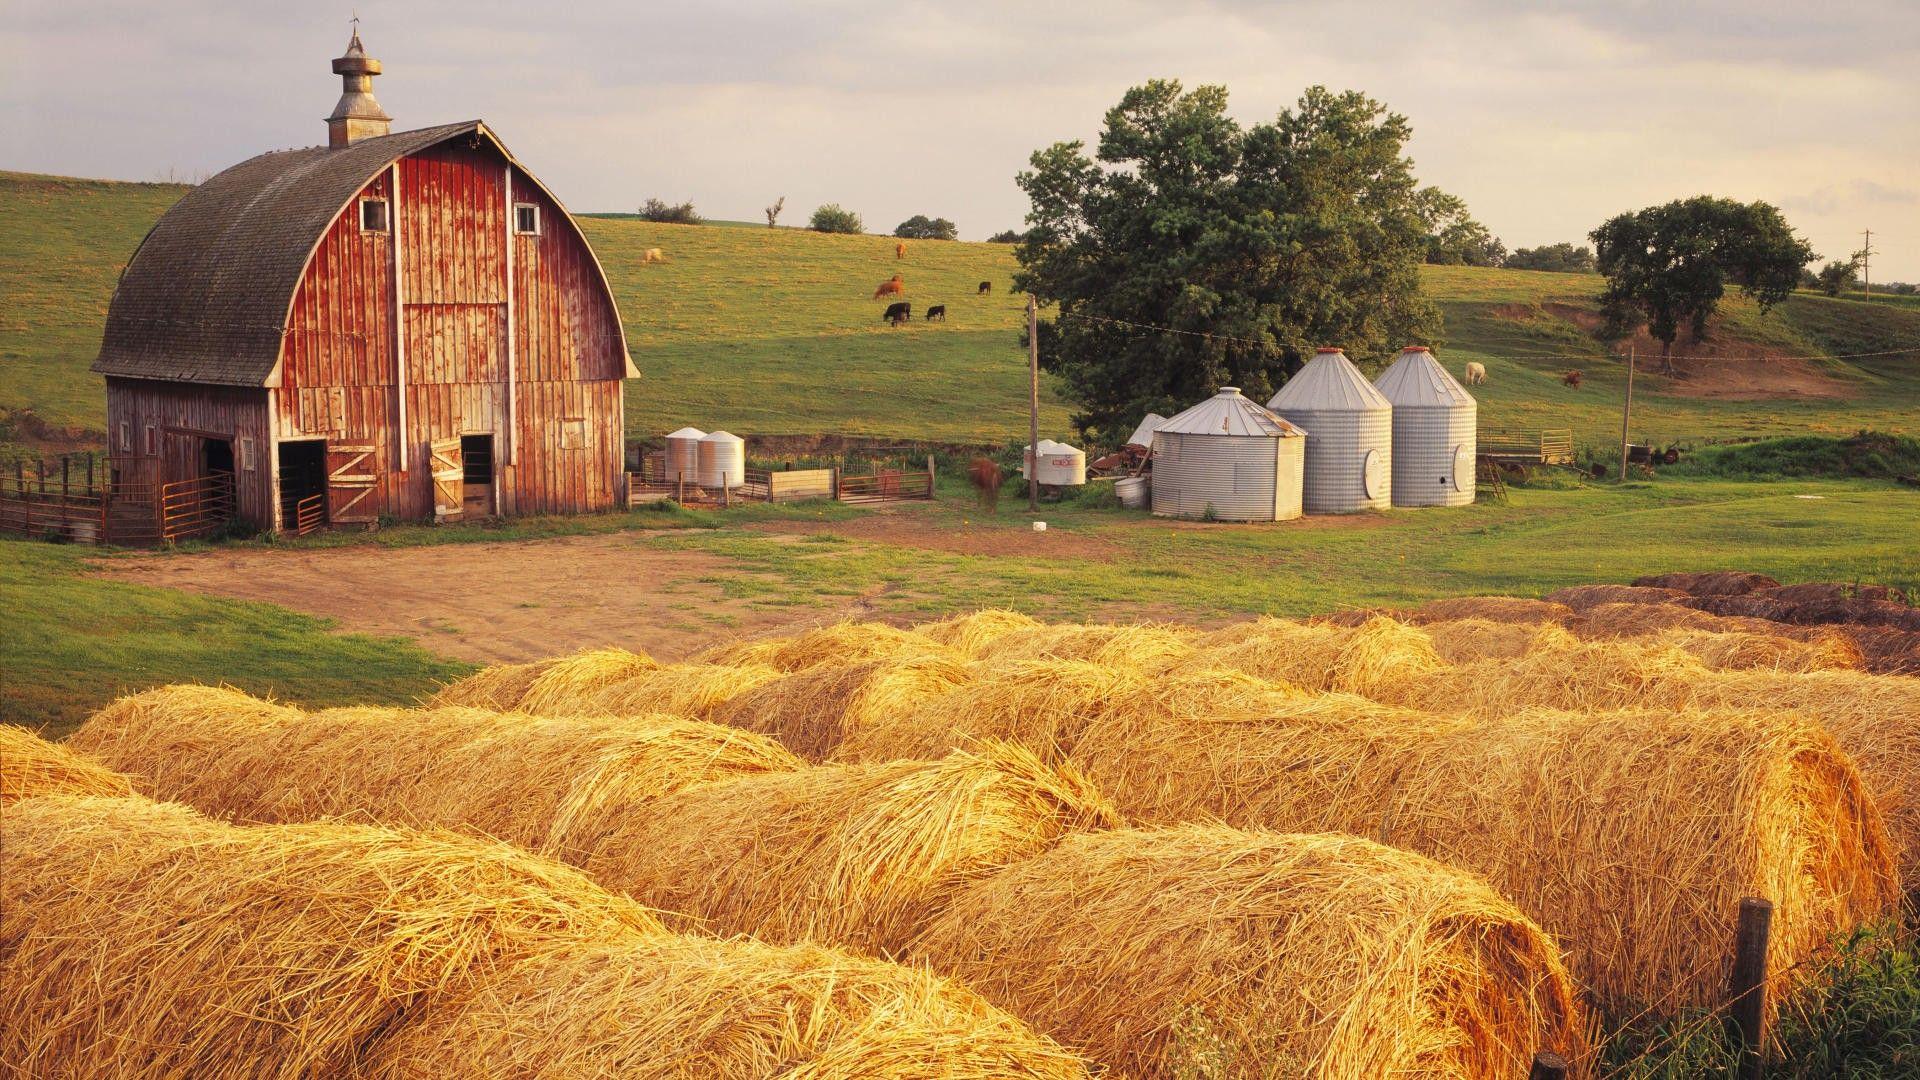 Wonderful Farm Scene Hd Wallpaper 602673 1920x1080